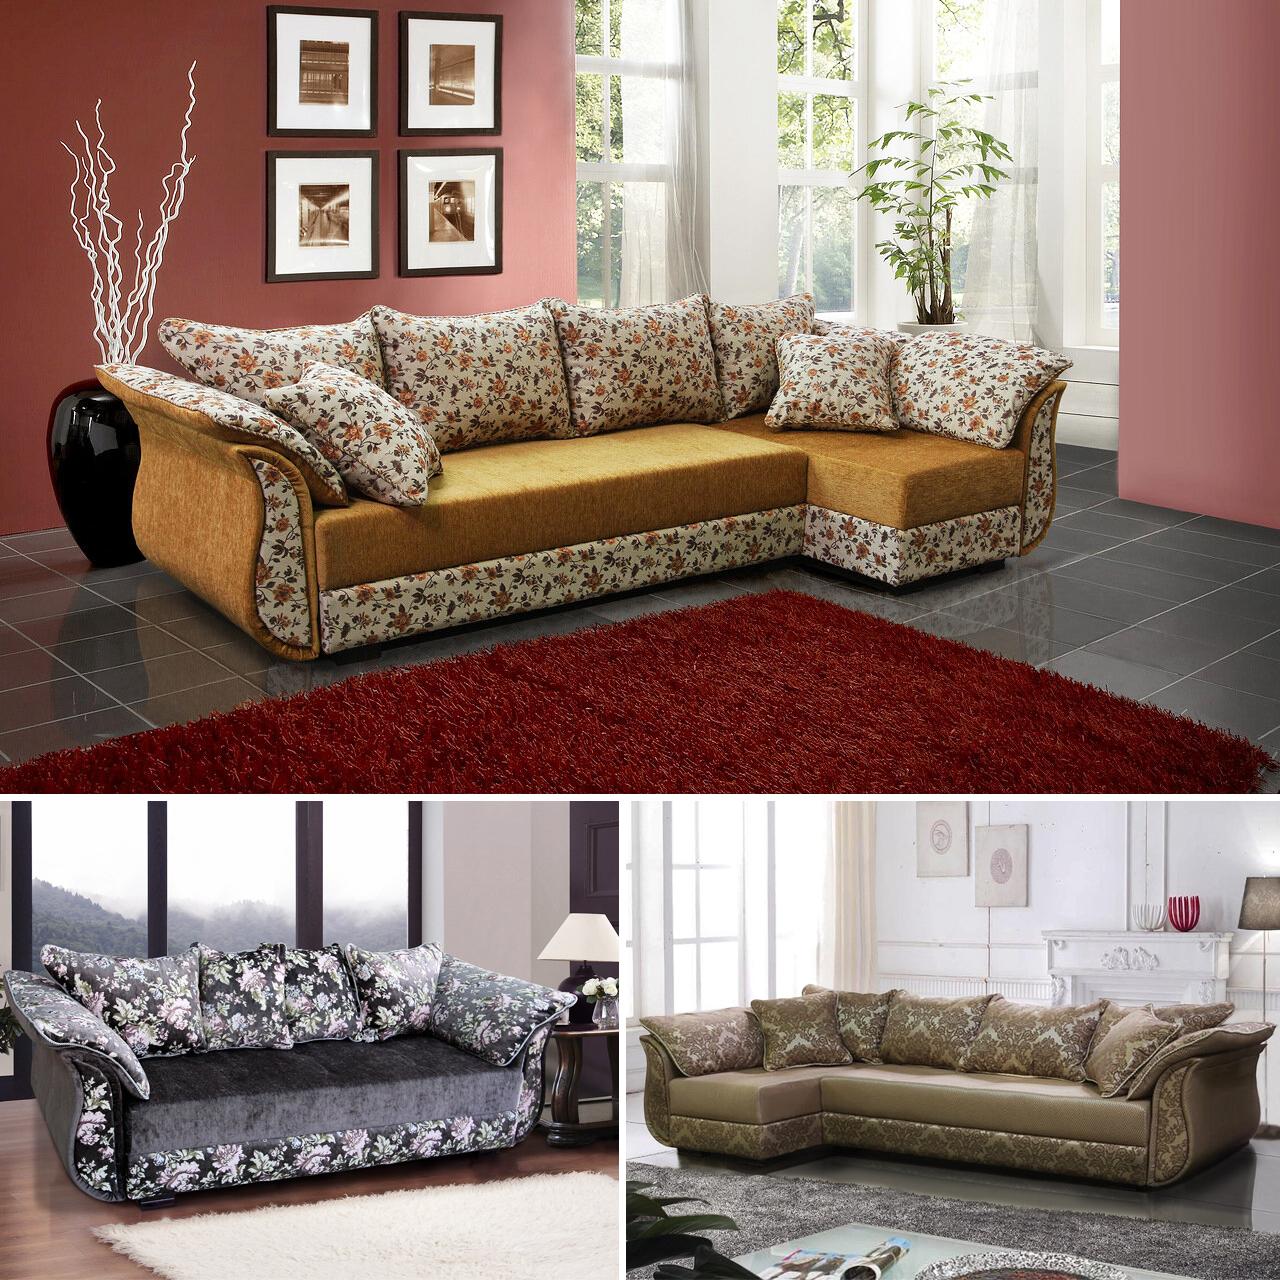 ecksofa landhausstil sofa blumenmuster couch landhausstil modern schlafsofa design